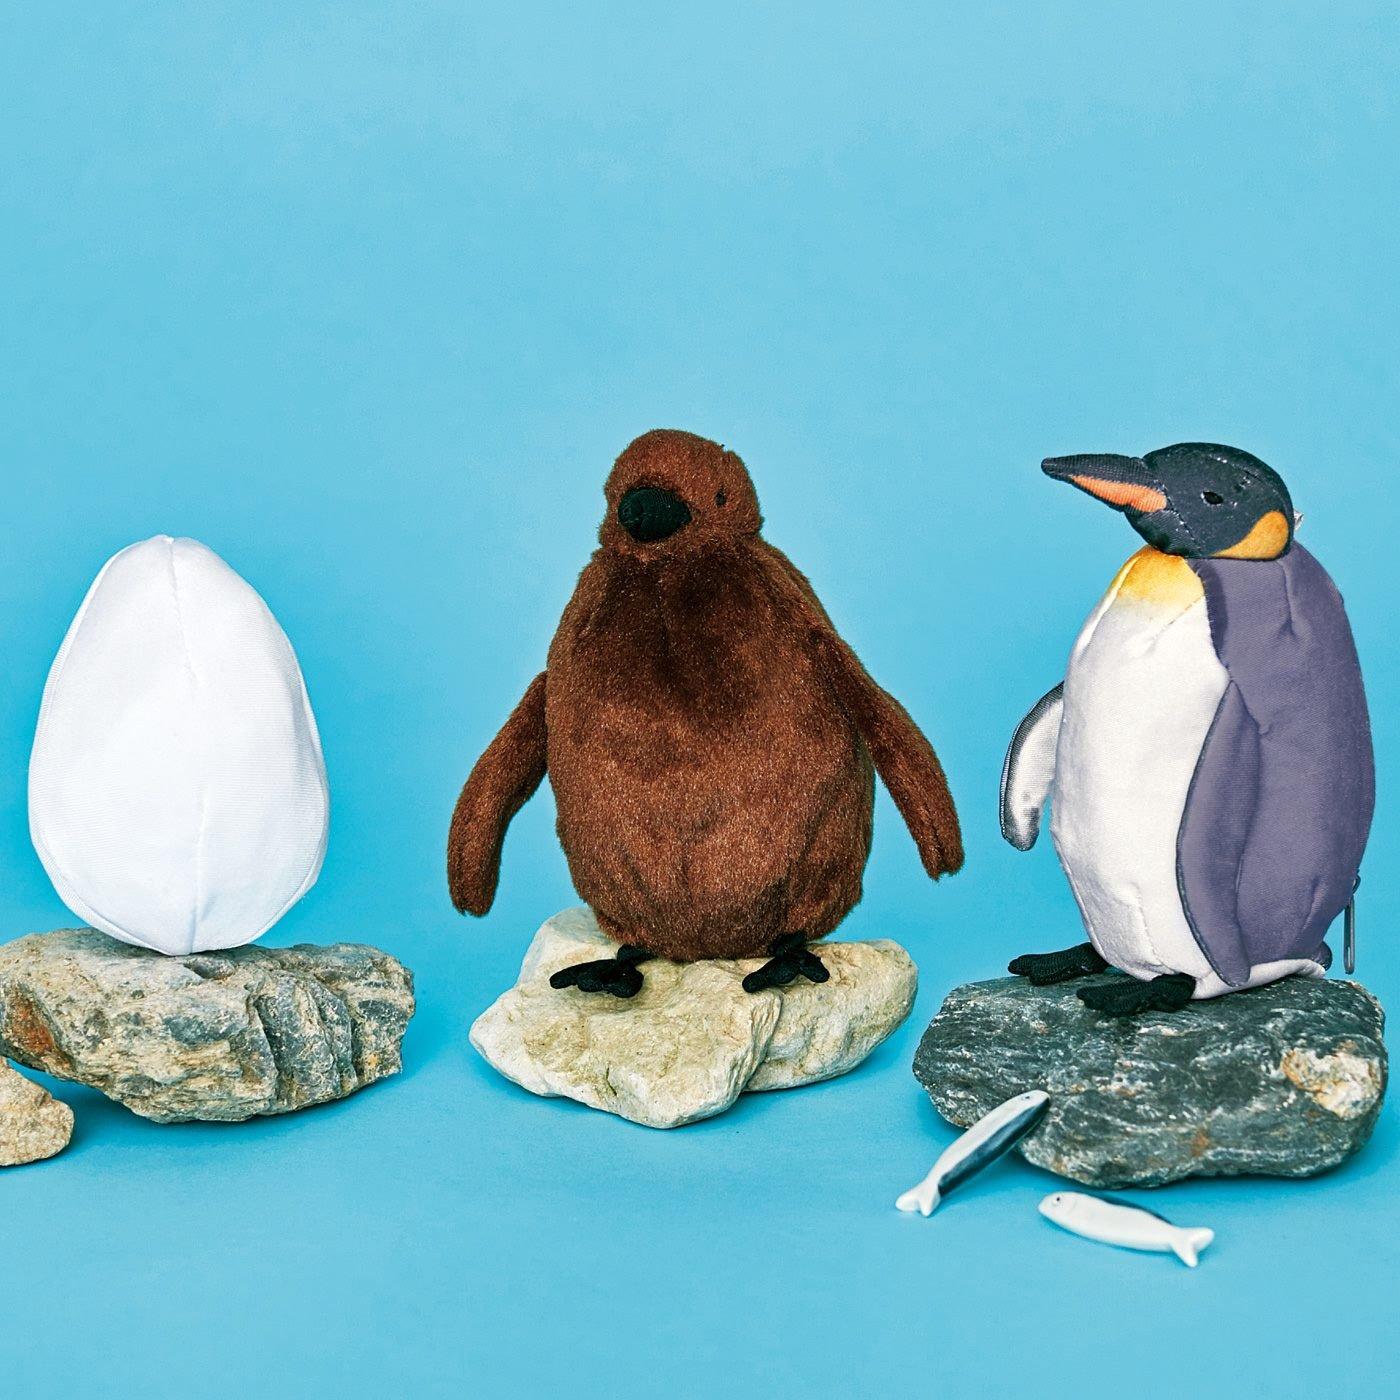 YOU+MORE! 卵→ヒナ→成鳥に!?  オウサマペンギン3変化ぬいぐるみ